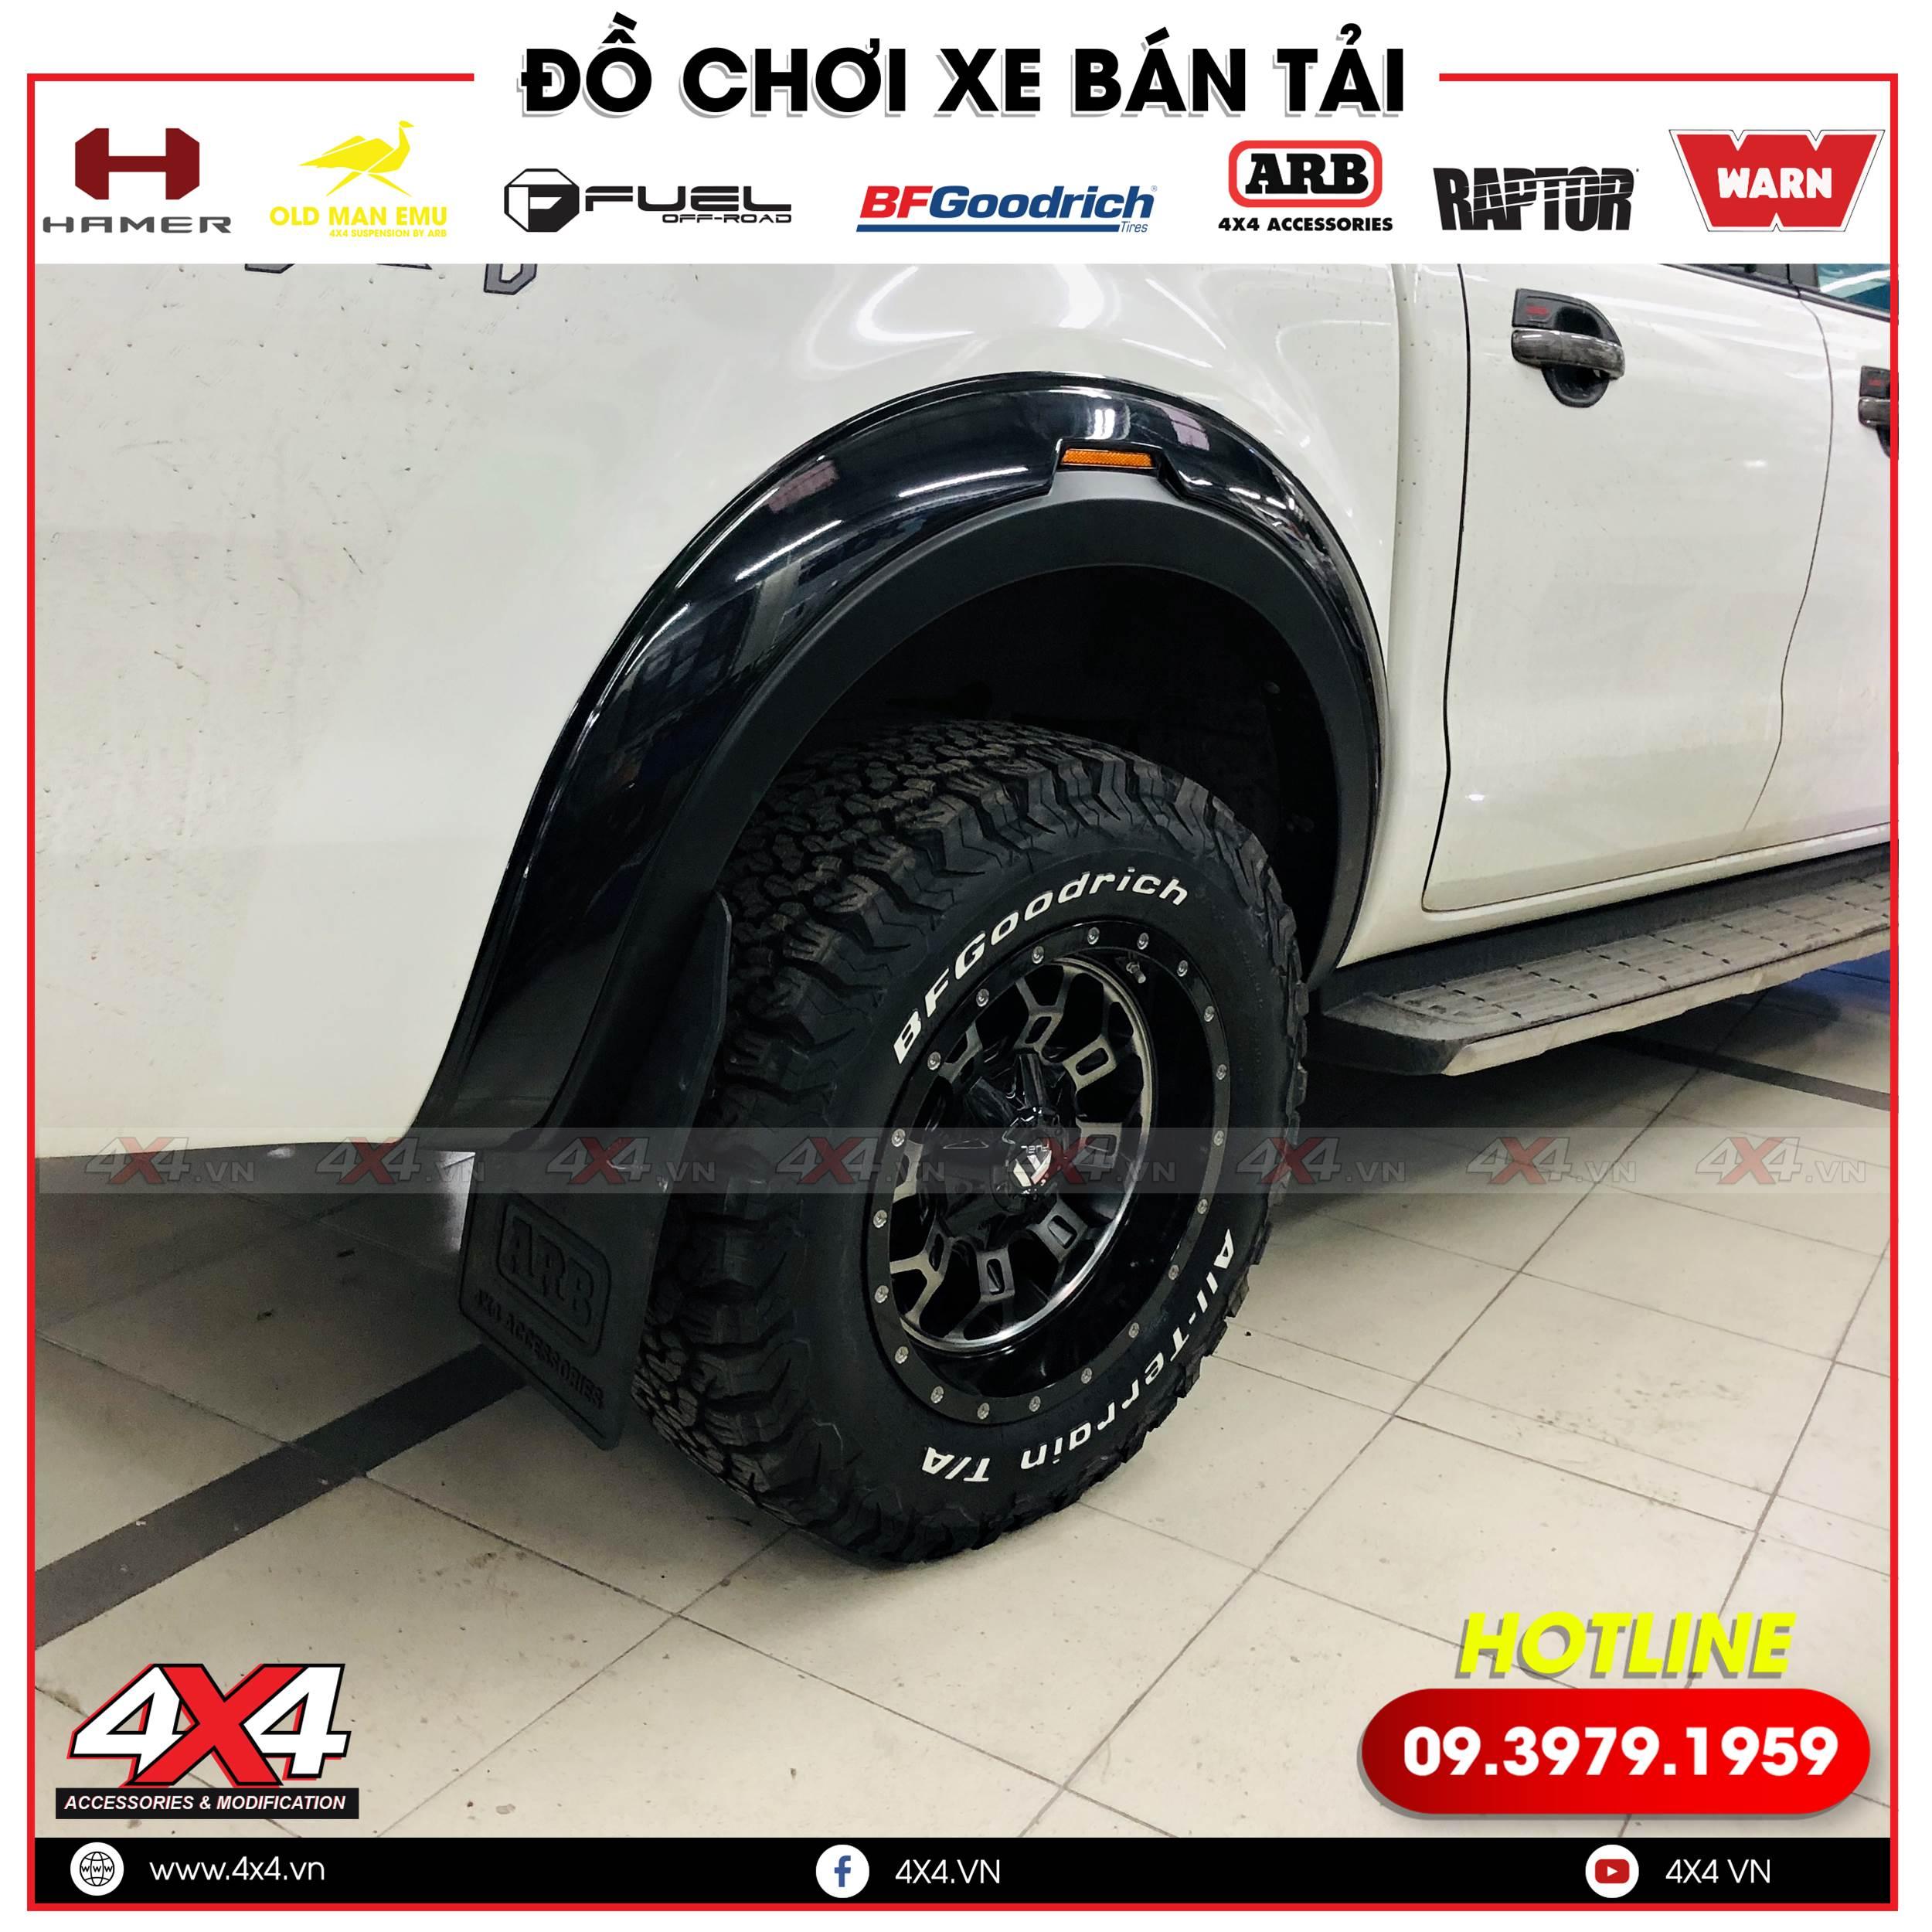 Ốp cua lốp RBS Thái Lan độ đẹp, sang trọng cho xe bán tải Ford Ranger